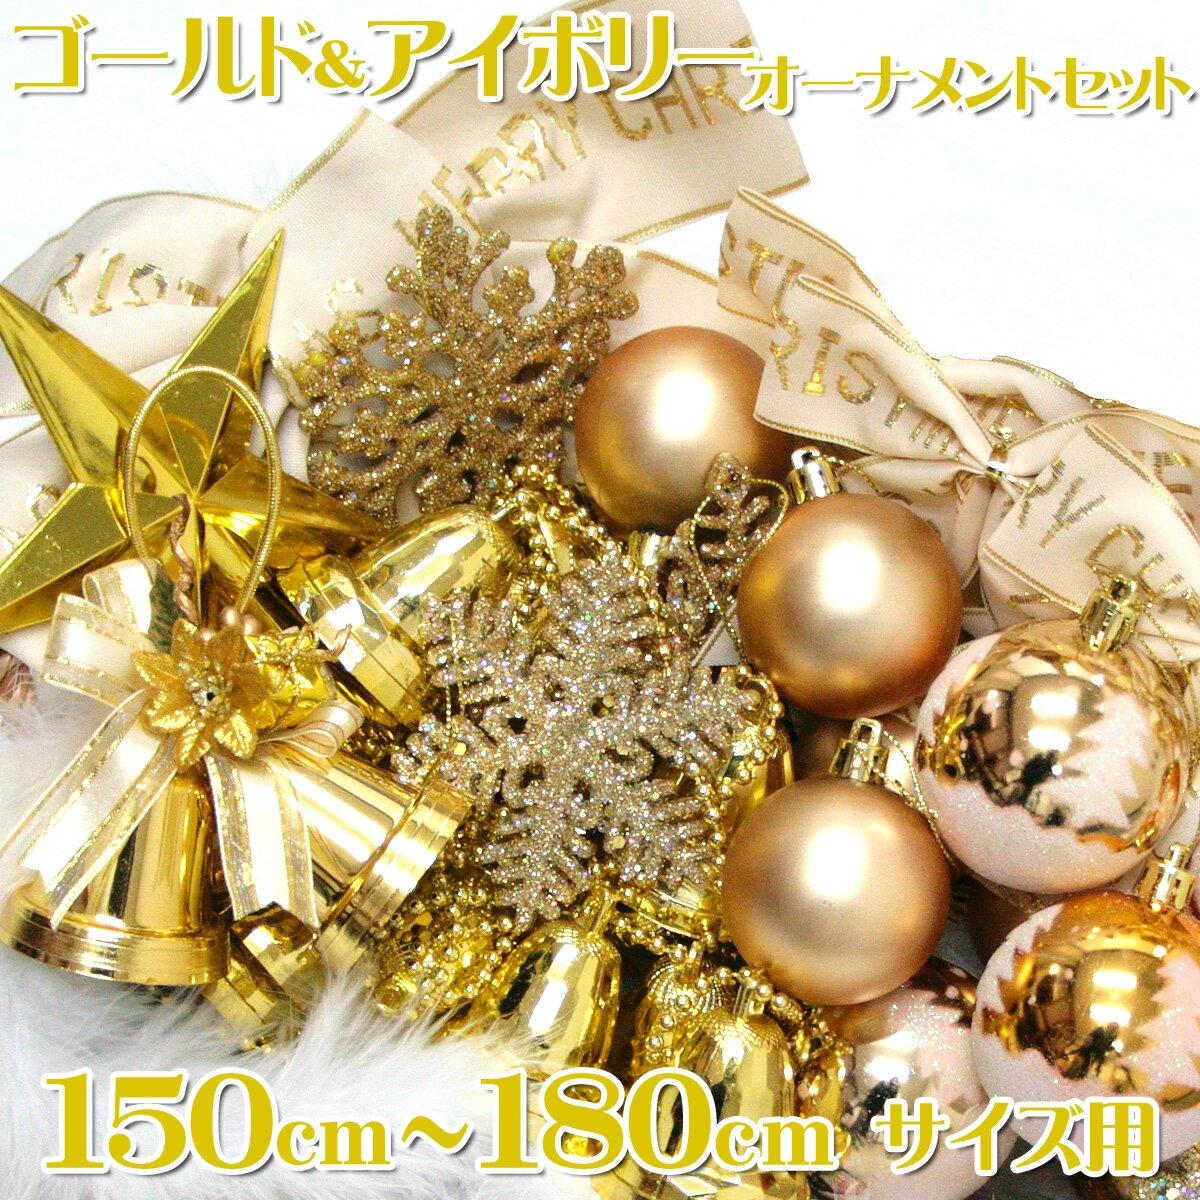 オーナメントセット 150〜180cm用 ゴールド&アイボリー クリスマスツリーオーナメント セット (ライト付) 【jbcxmas16】